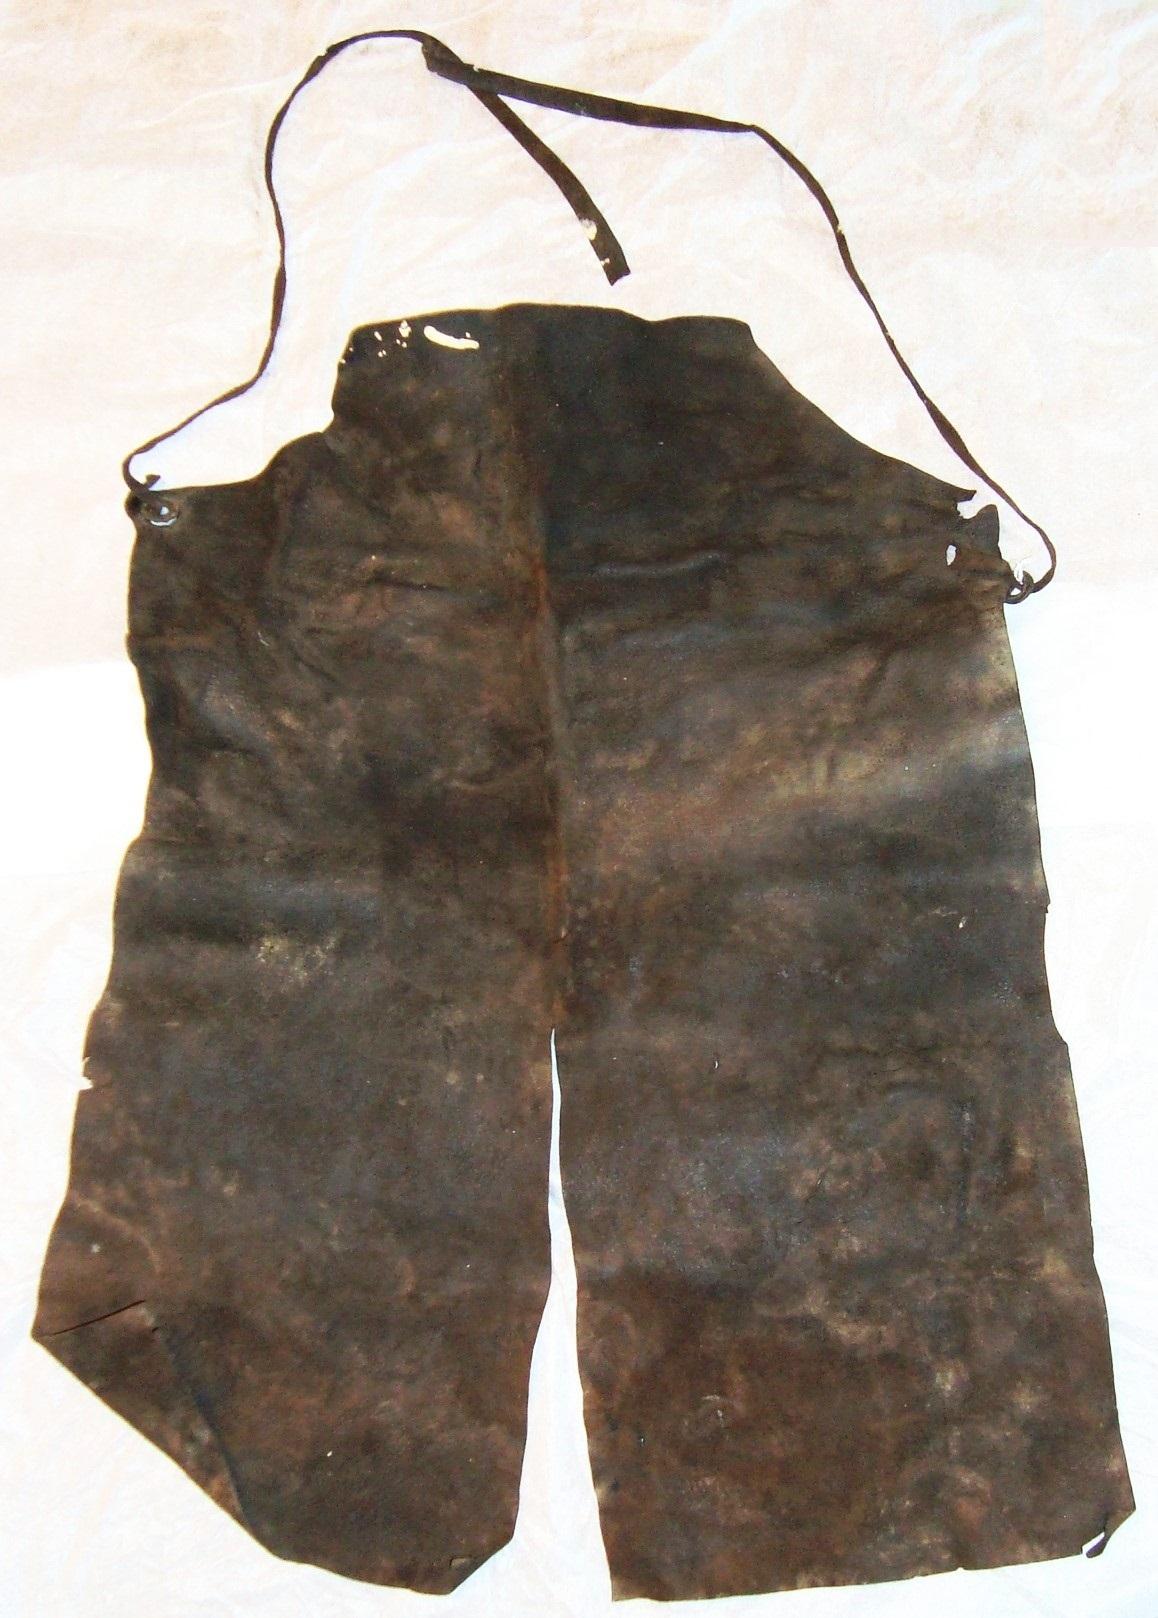 Ulrich Rülein von Calw's Leather Mining Apron